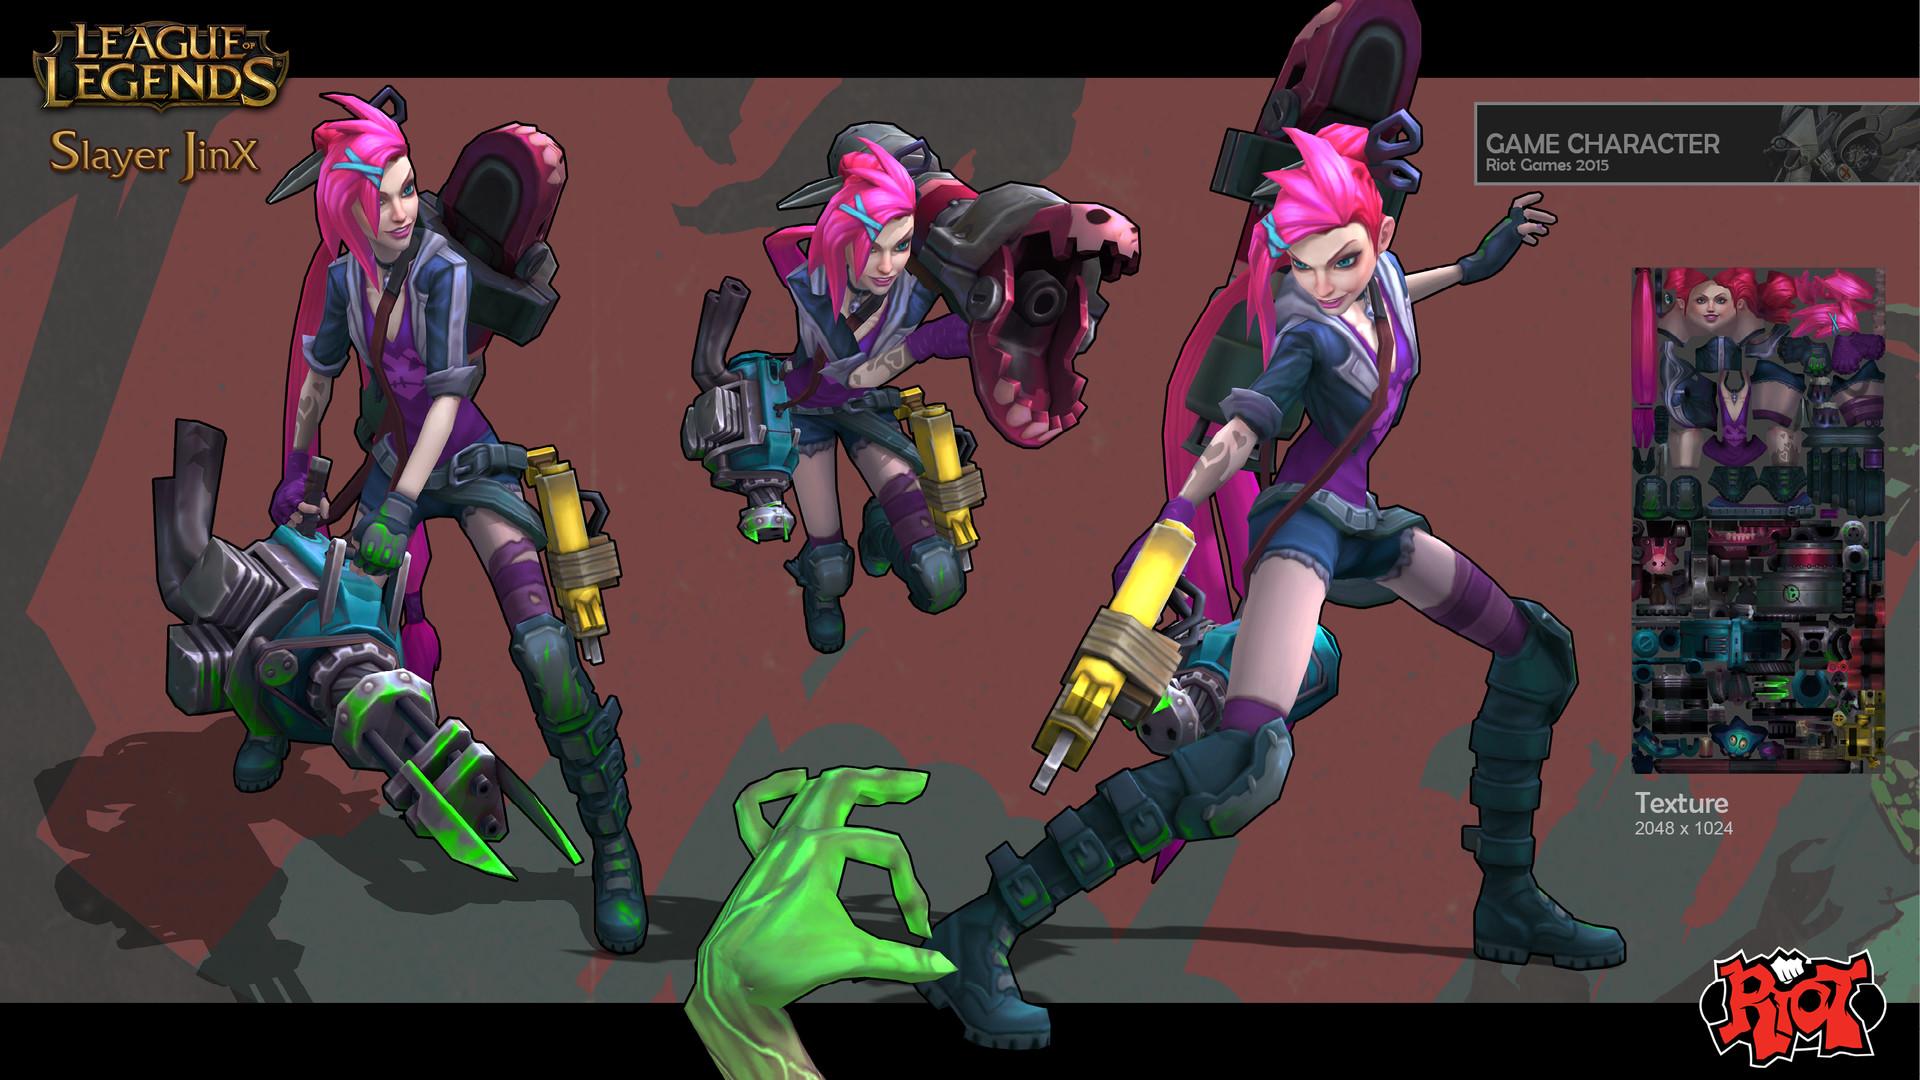 ArtStation - Slayer Jinx, Duy Khanh Nguyen